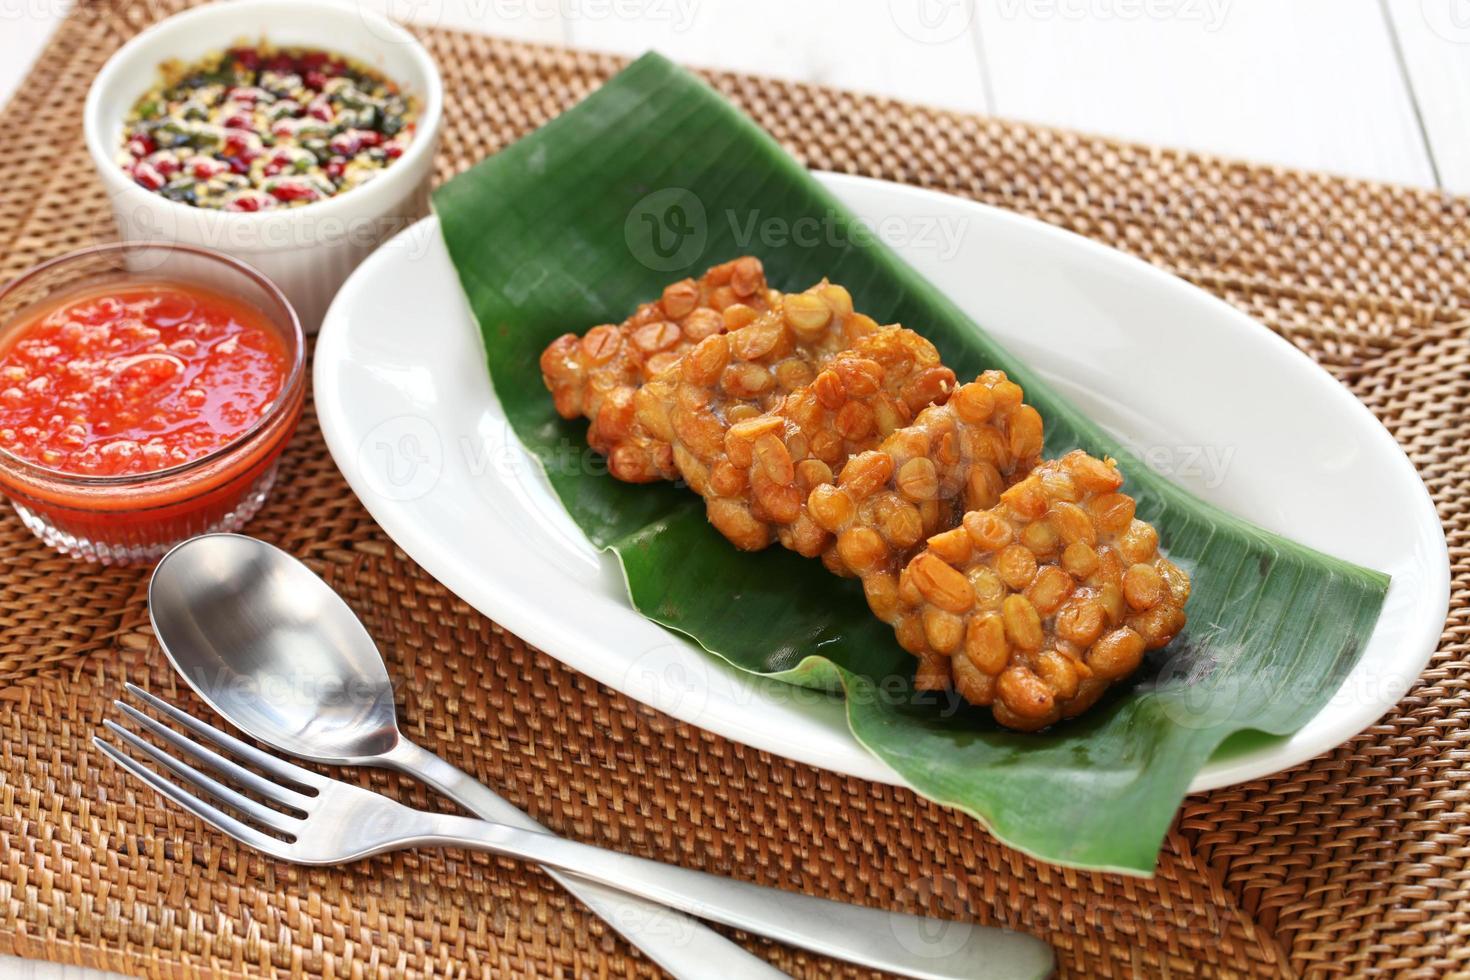 tempe goreng, gebakken tempeh, indonesisch vegetarisch eten foto